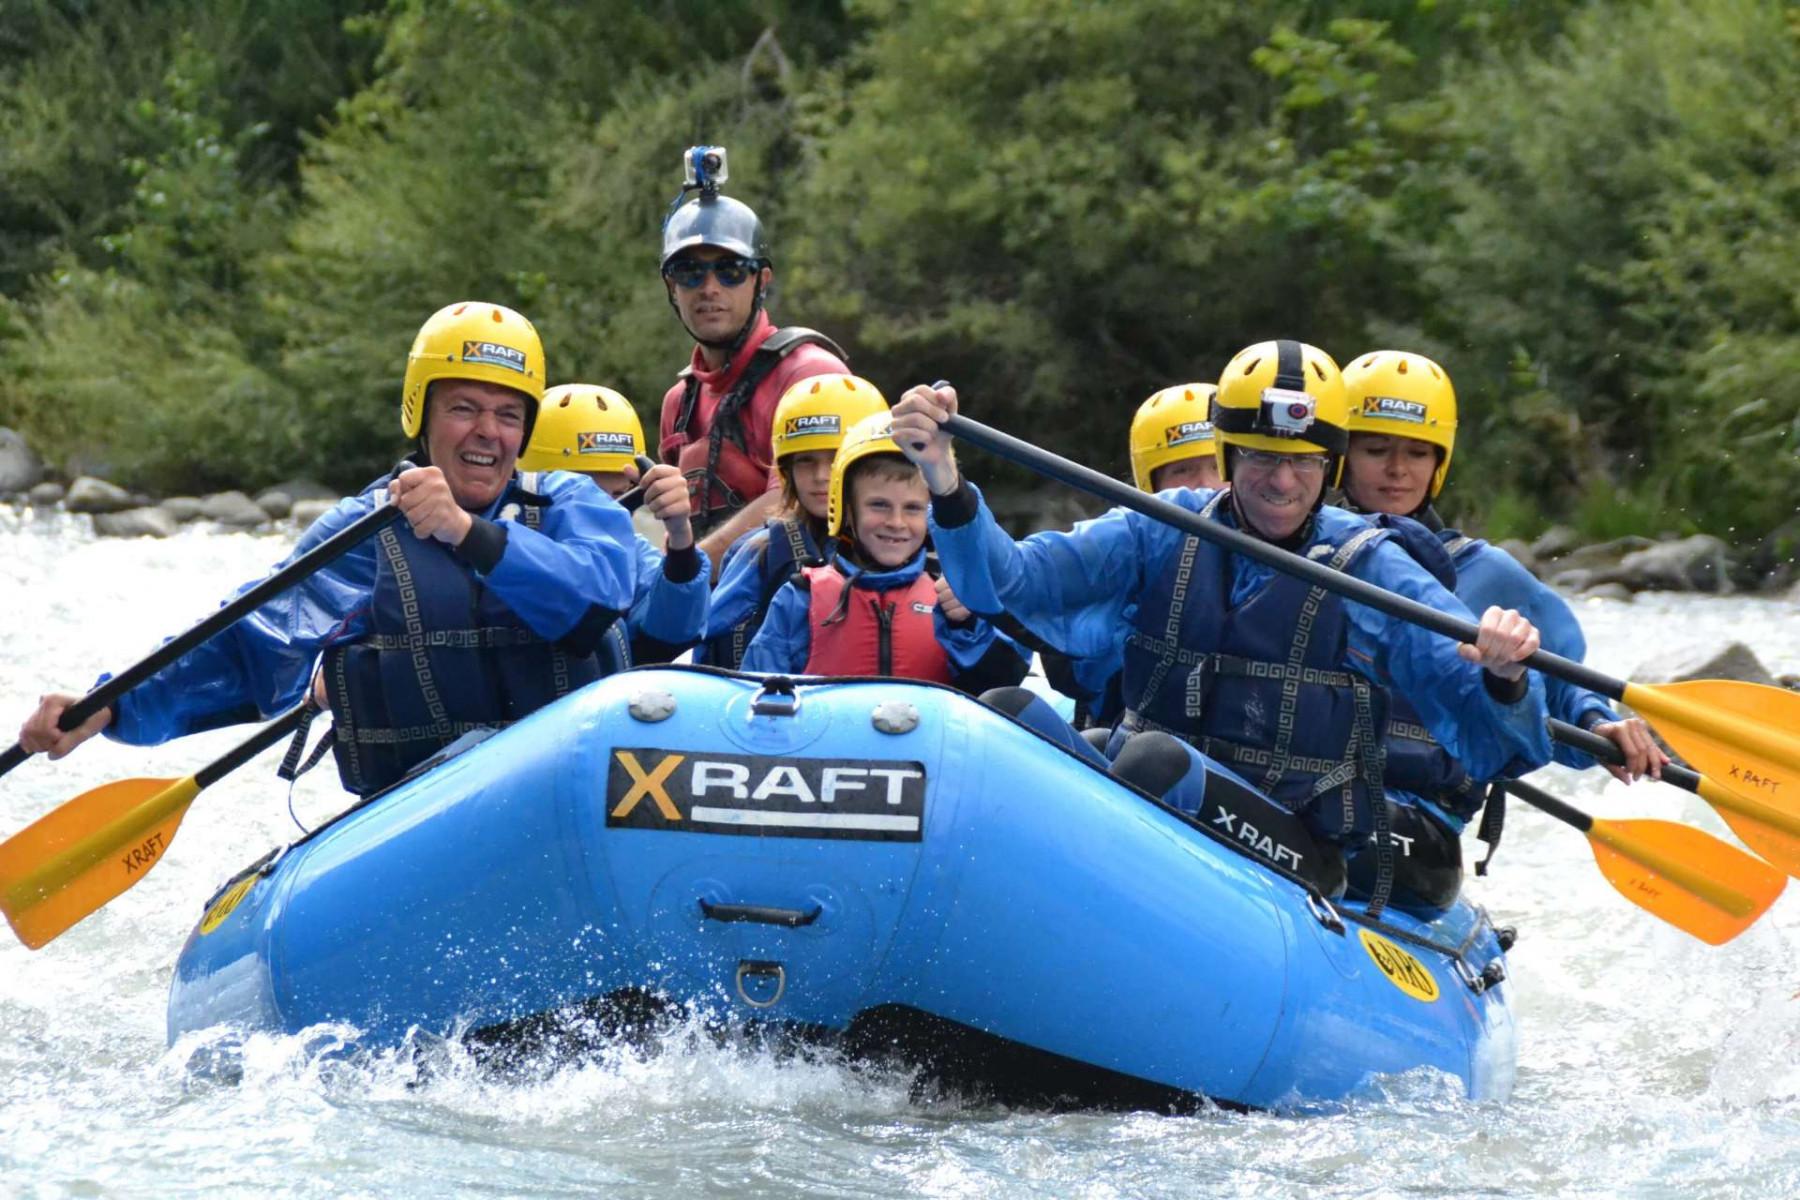 Battesimo del Rafting - discesa Bio Bio sul fiume Noce in Trentino